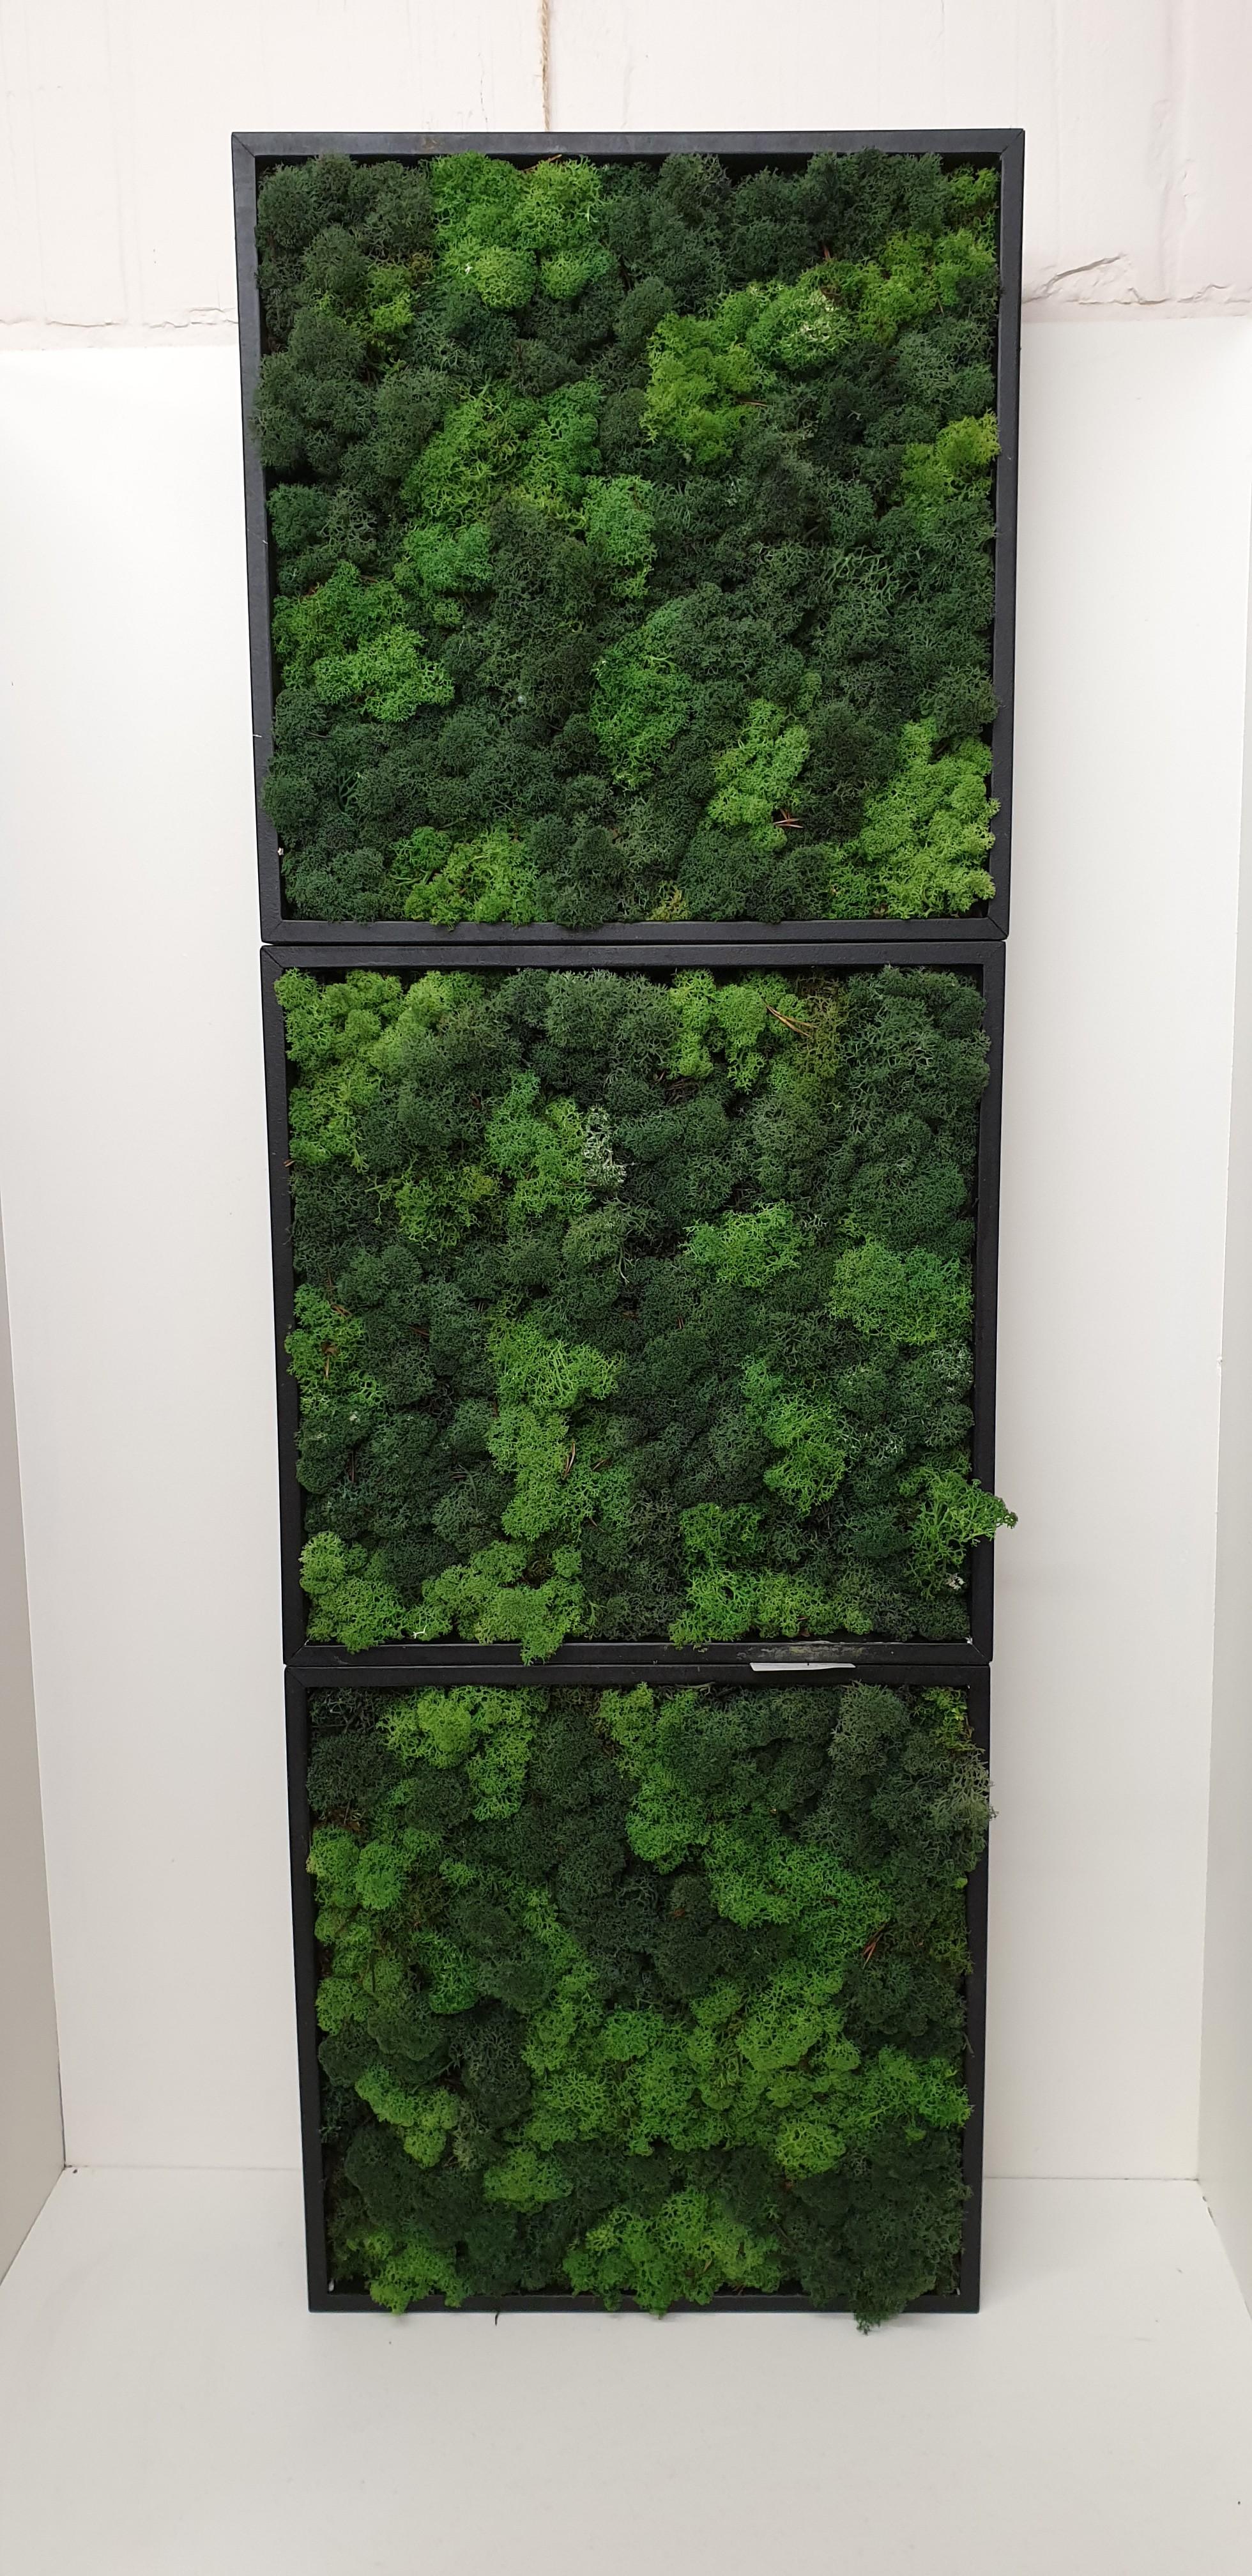 Moskader 3 modules van40*40cm- black forrest green